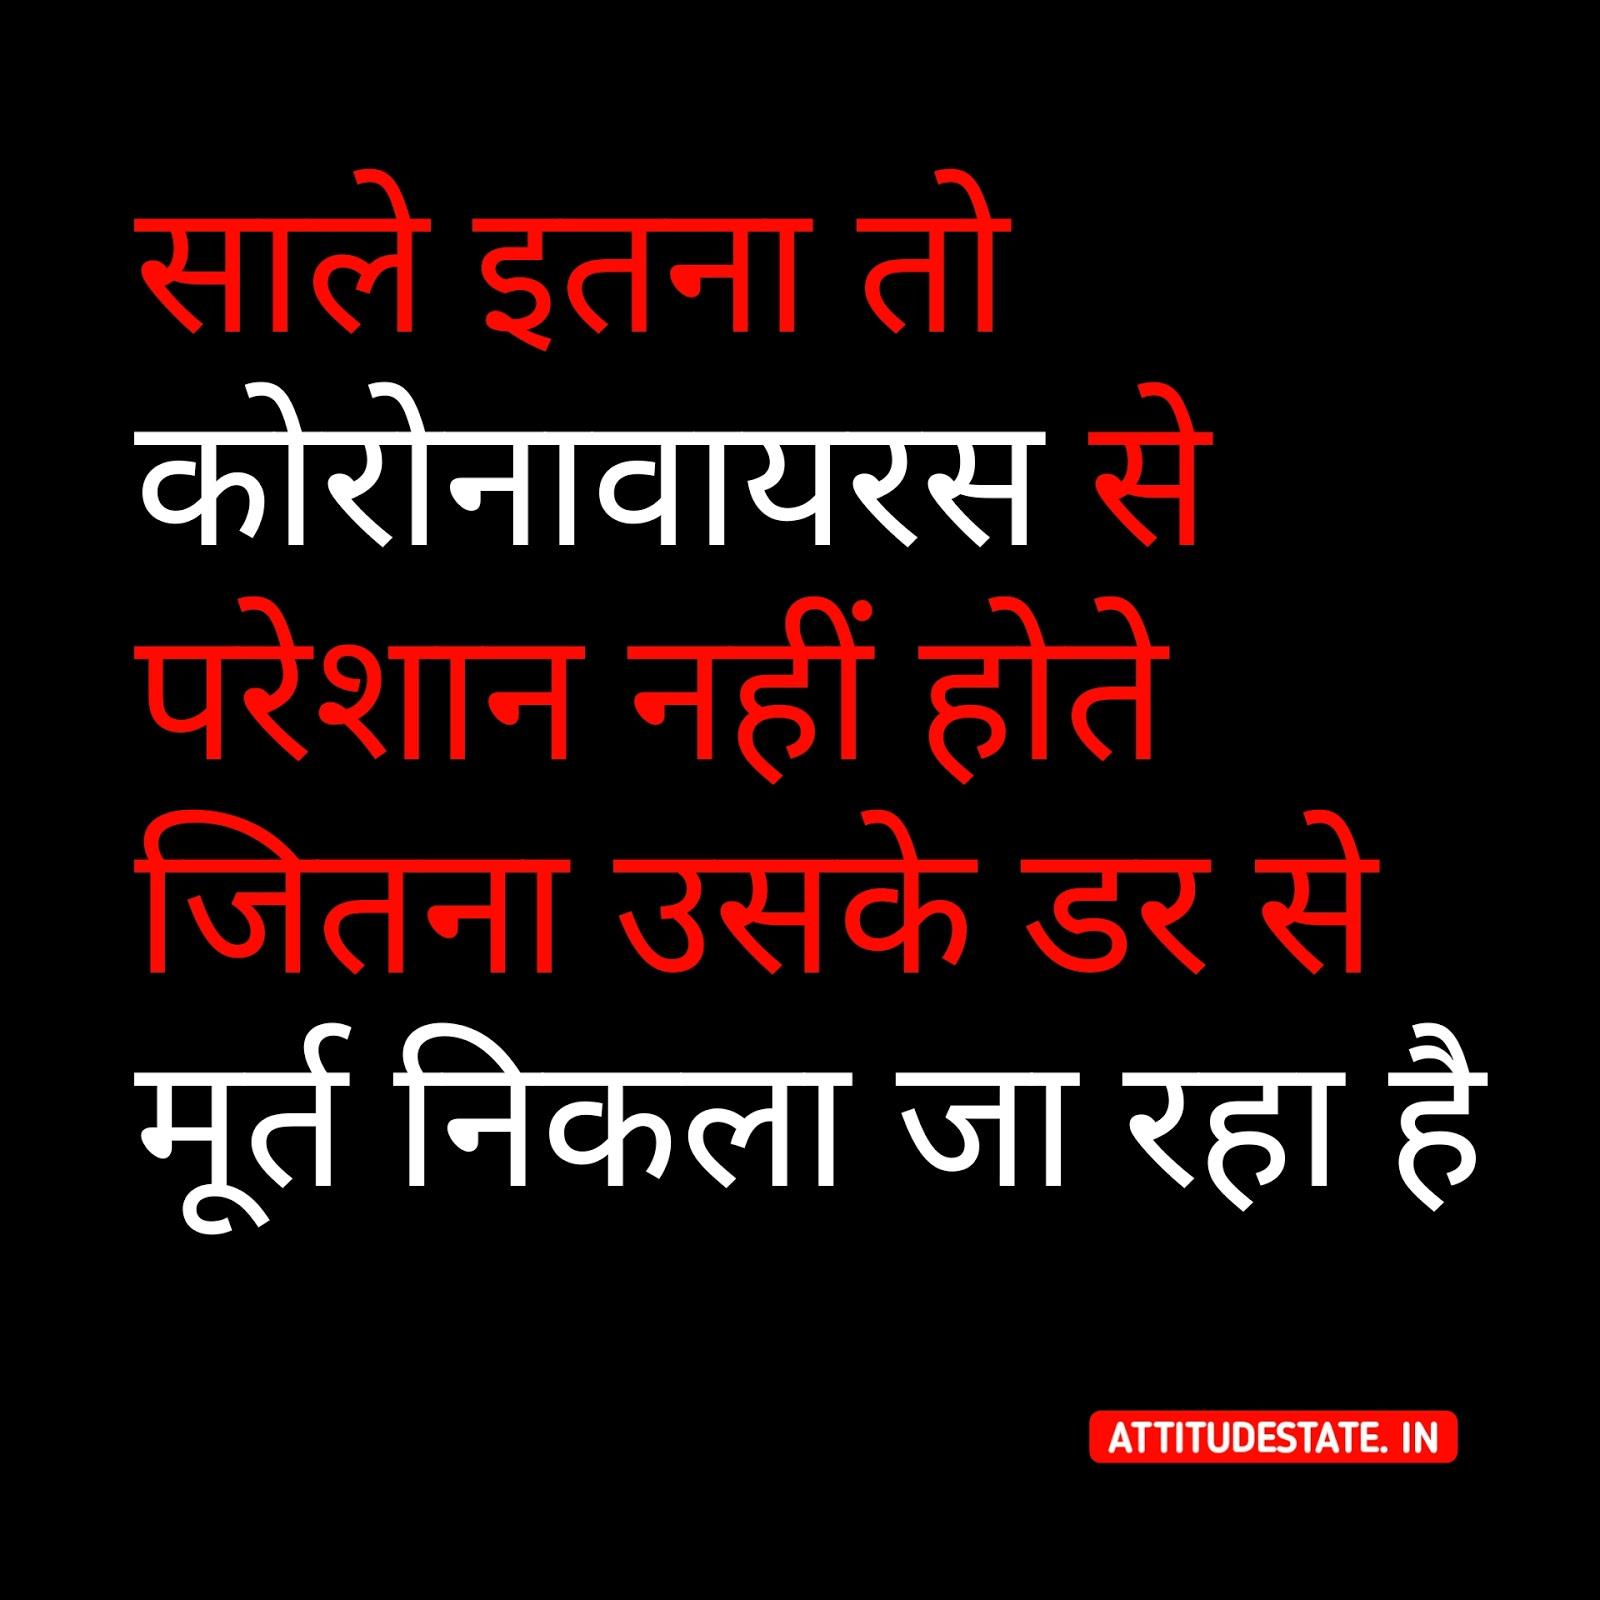 Hindi Funny Jokes With Status Quotes Dp Text 2020 Best Shayari Status Quotes In Hindi 2020